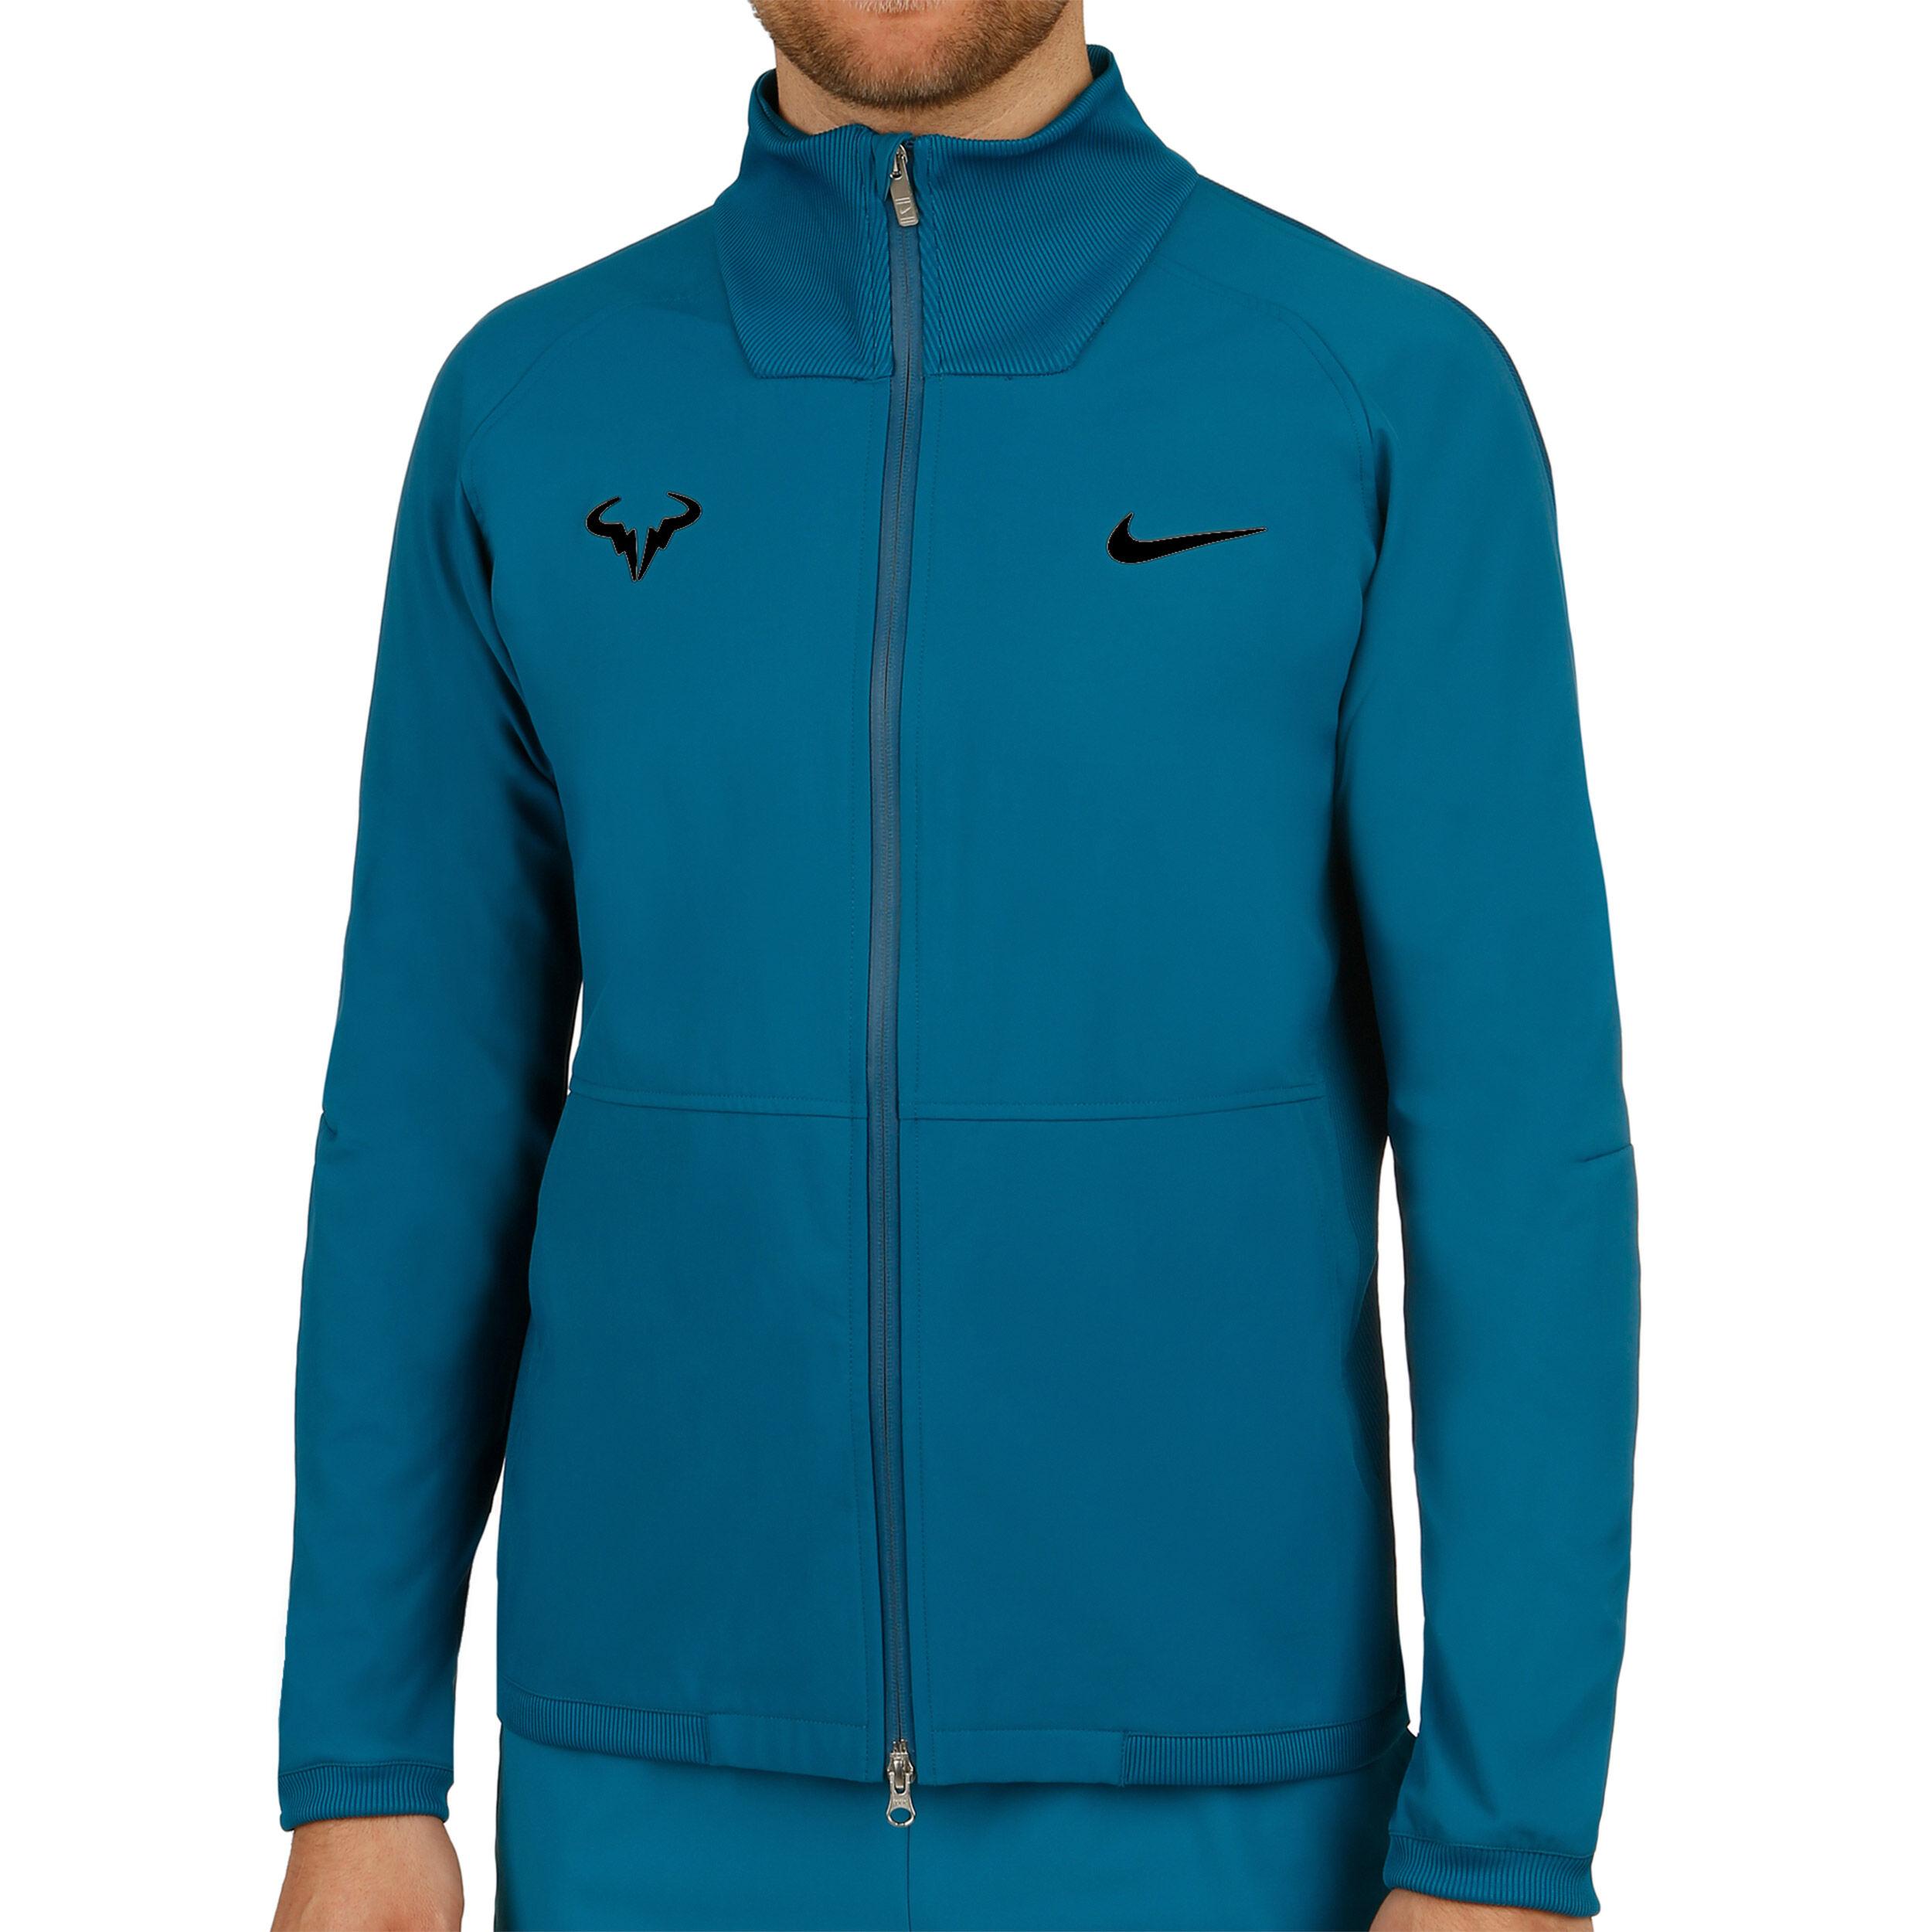 Nike Rafael Nadal Court Veste De Survêtement Hommes